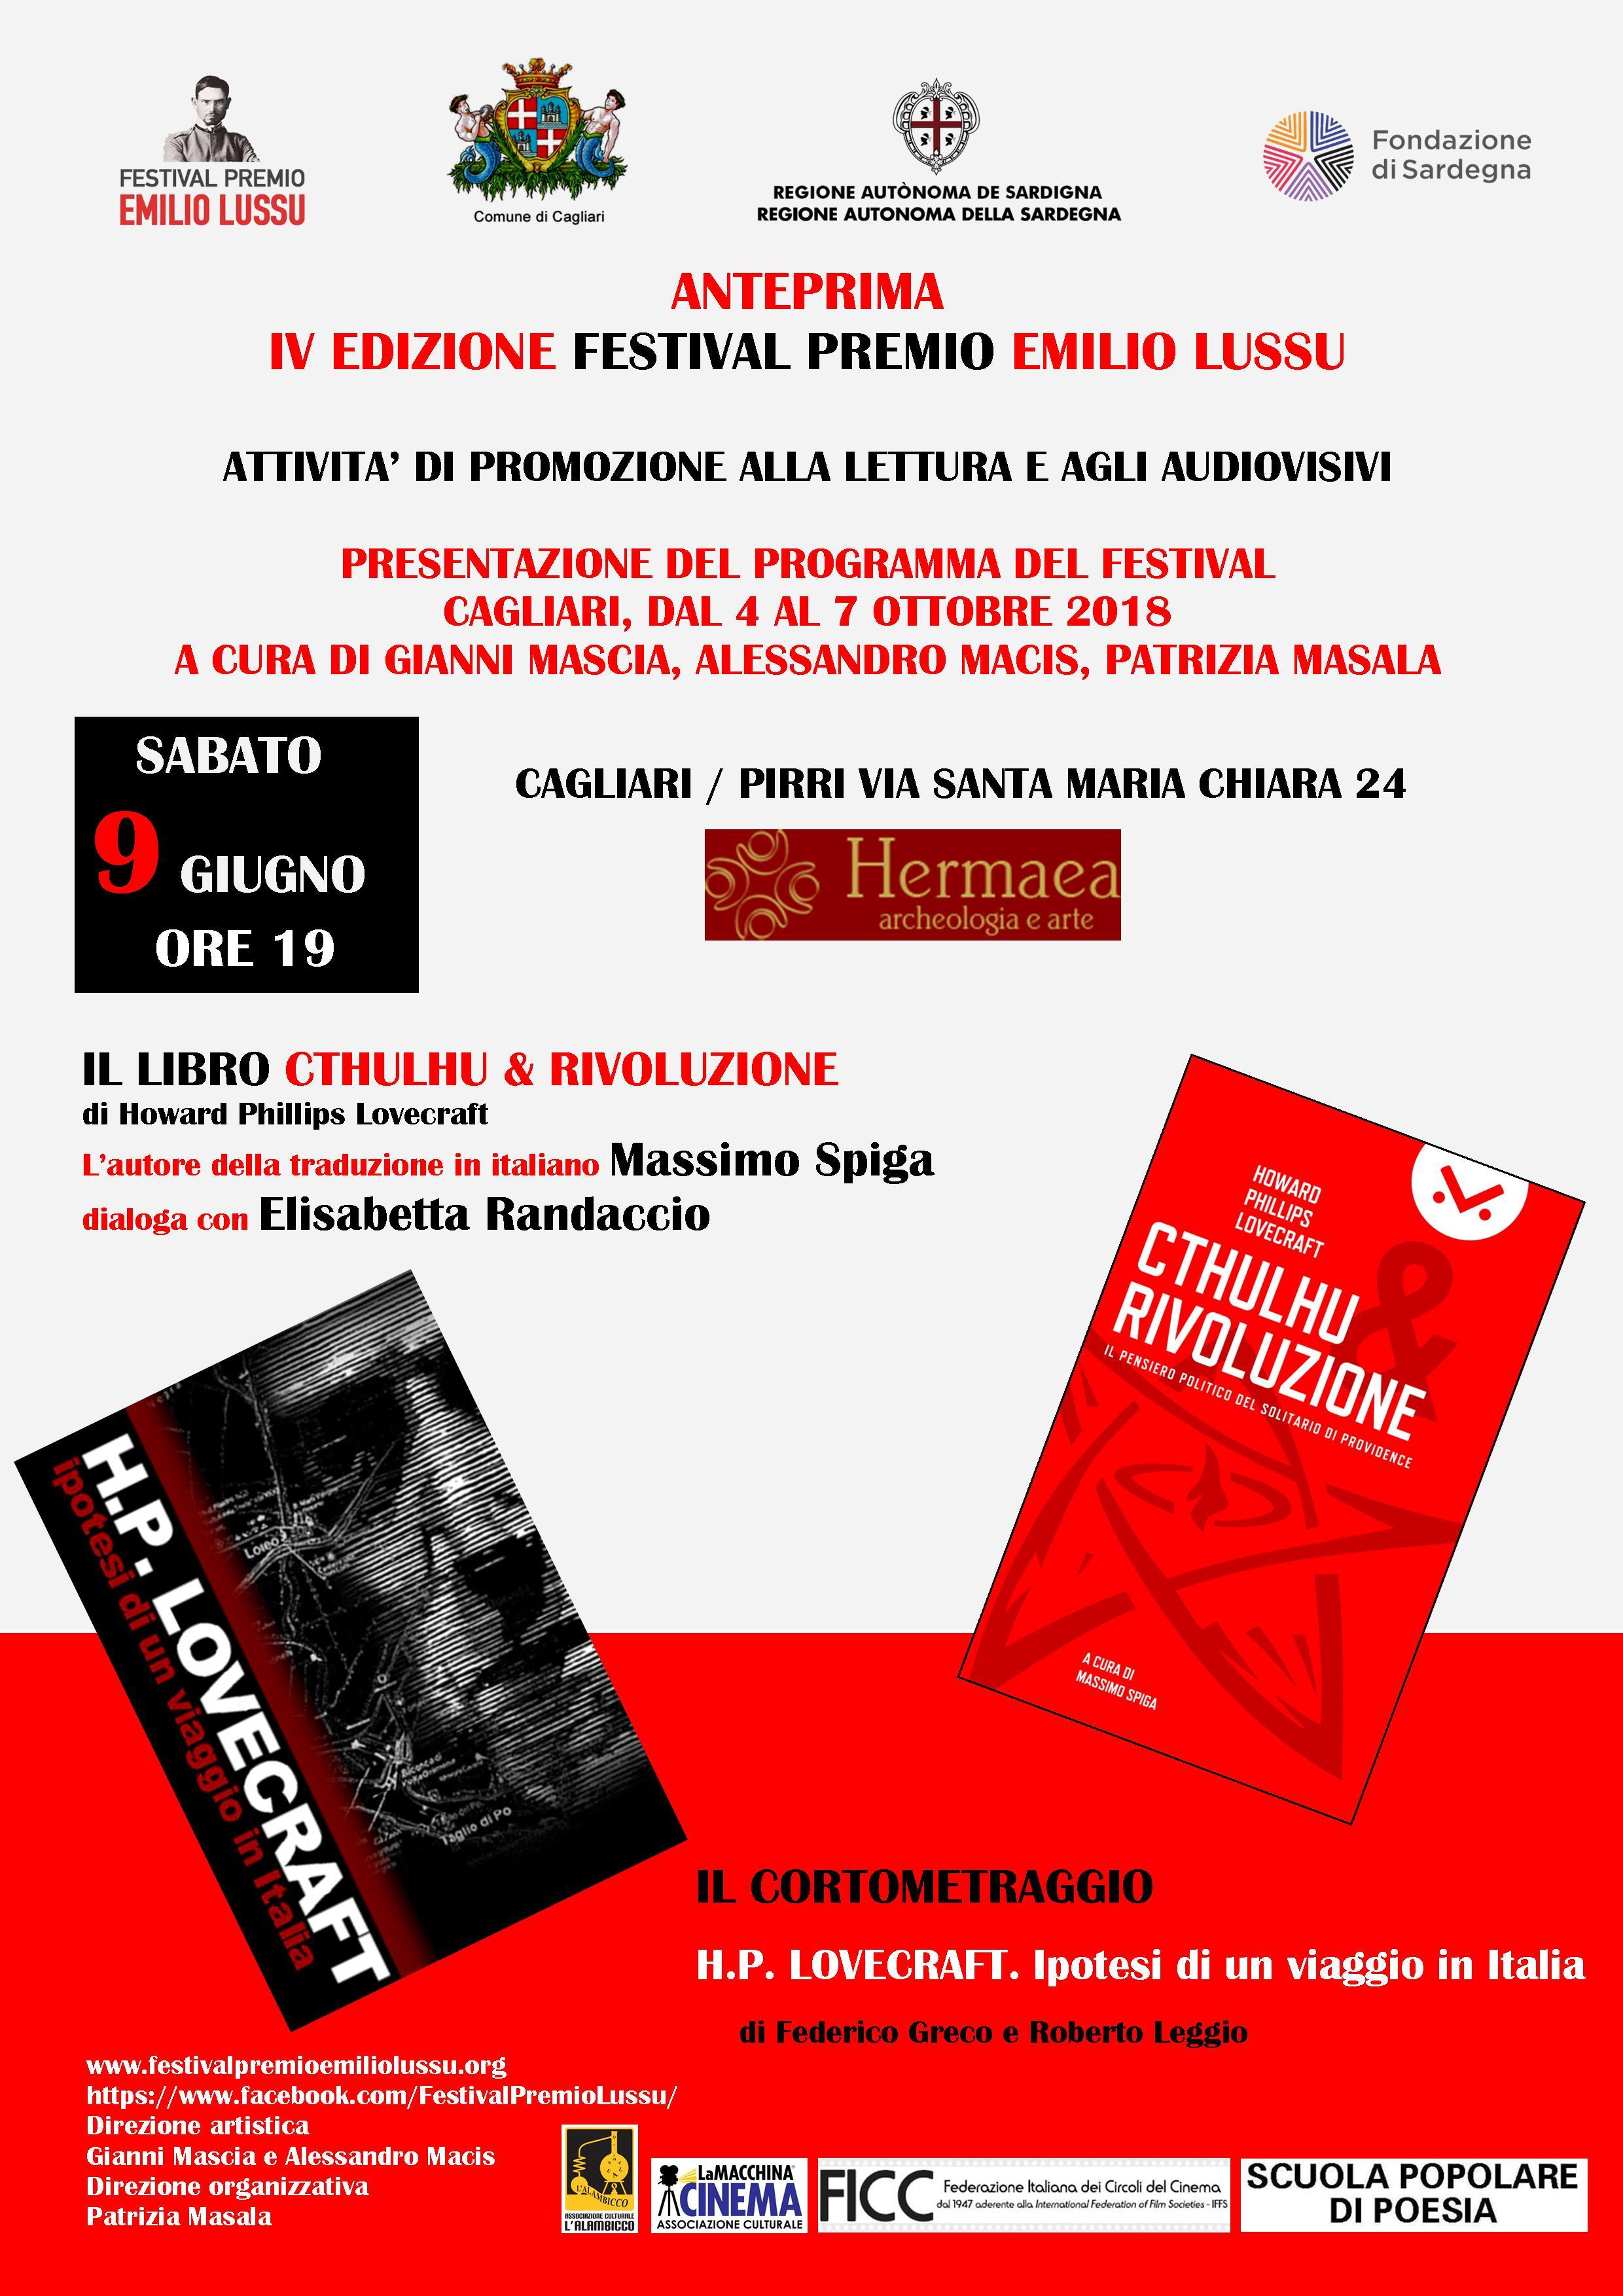 Anteprima IV Ed. Festival Premio Emilio Lussu